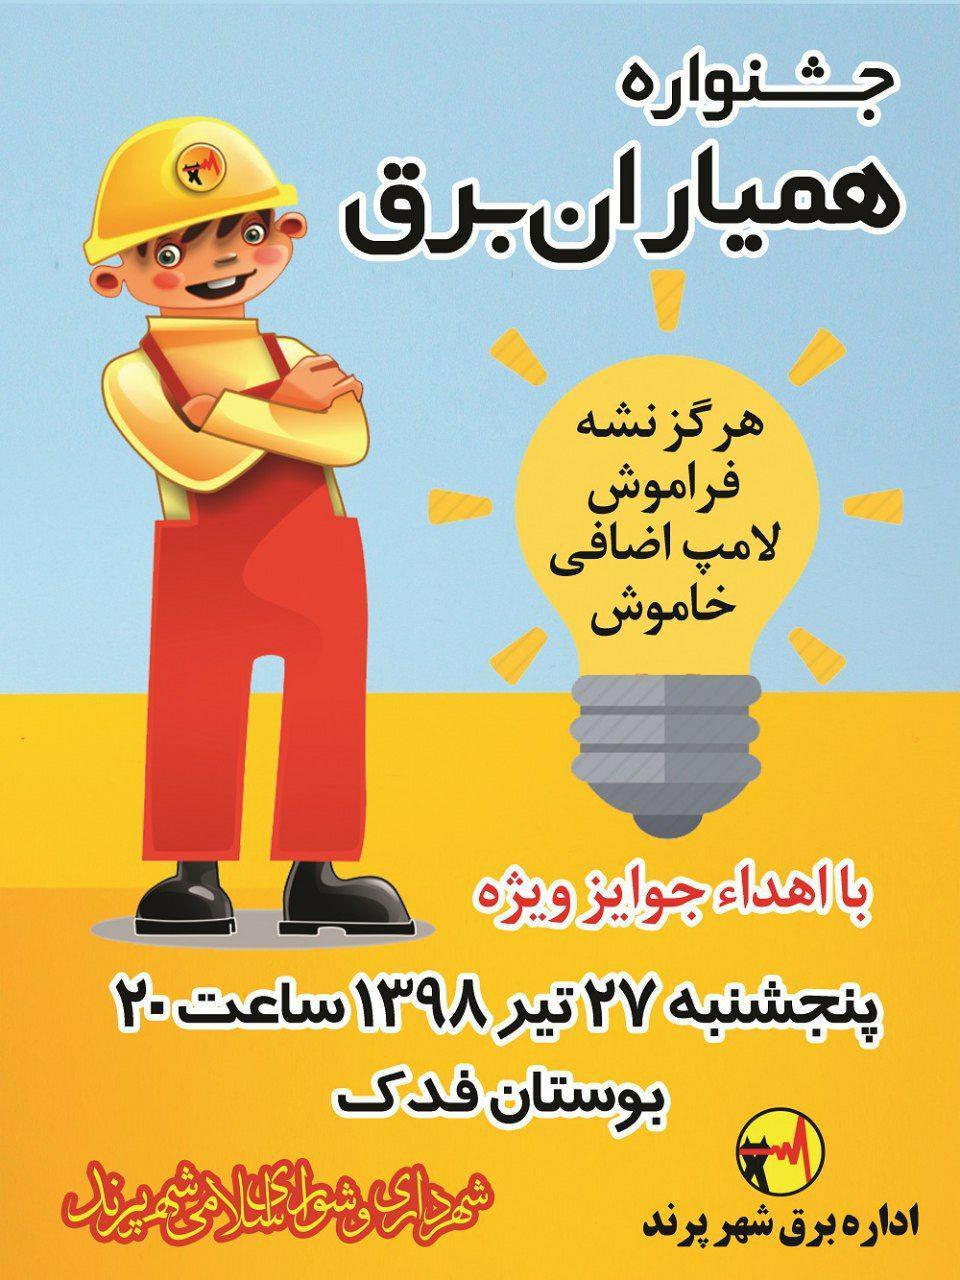 جشنواره همیاران برق در بوستان فدک شهر پرند